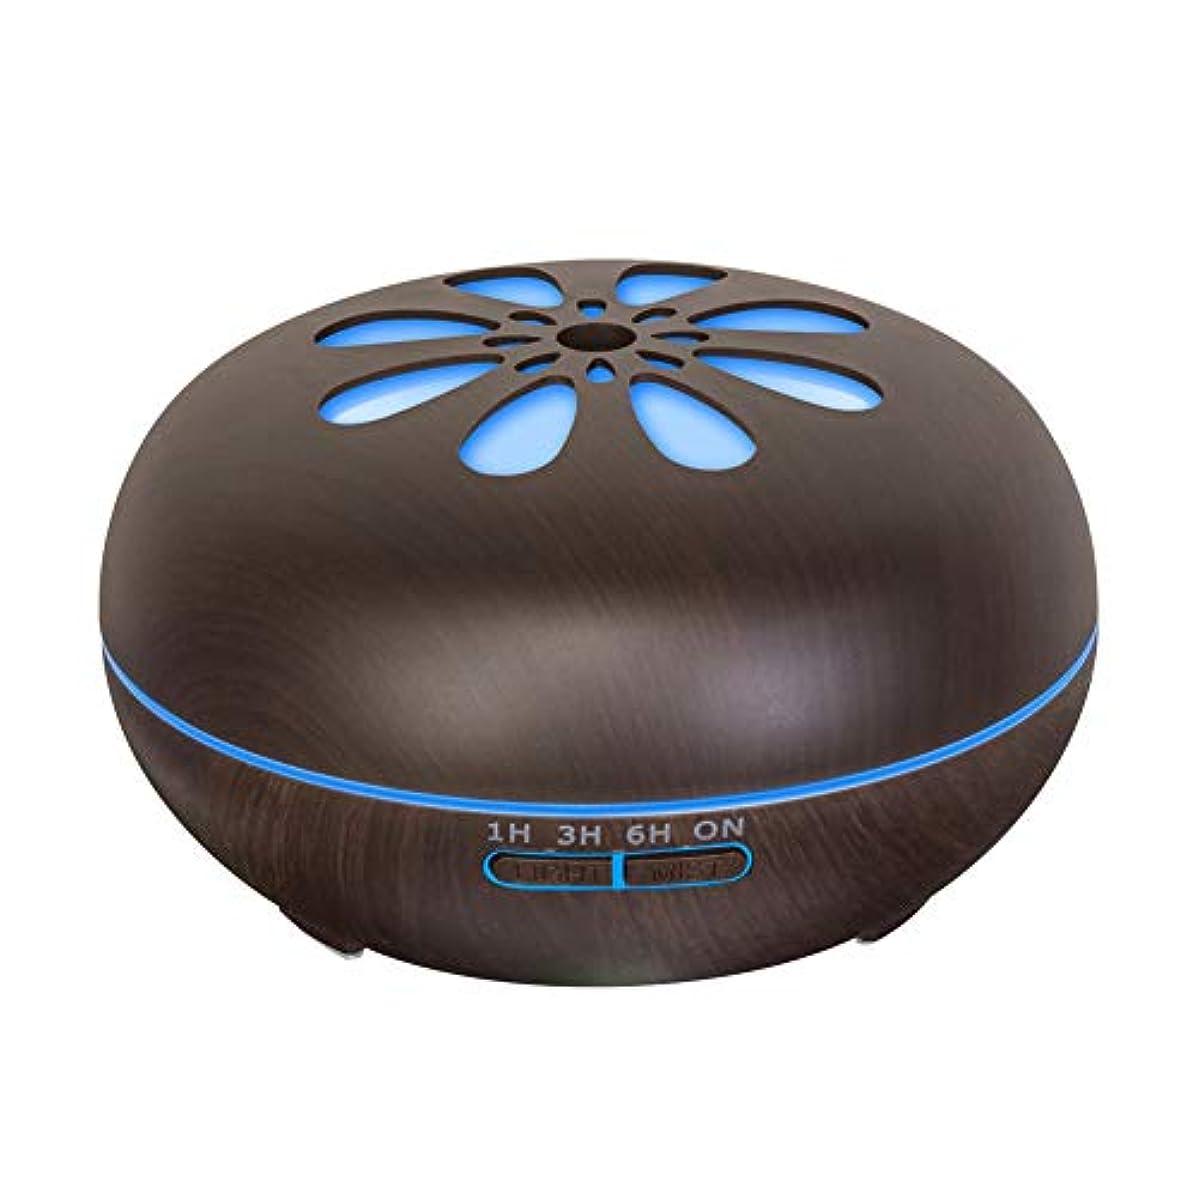 屋内でグループスロープ550 Ml 木目 涼しい霧 加湿器,リモコン 7 色 超音波式 加湿機 時間 香り 精油 ディフューザー ホーム オフィス リビング ルーム Yoga-h